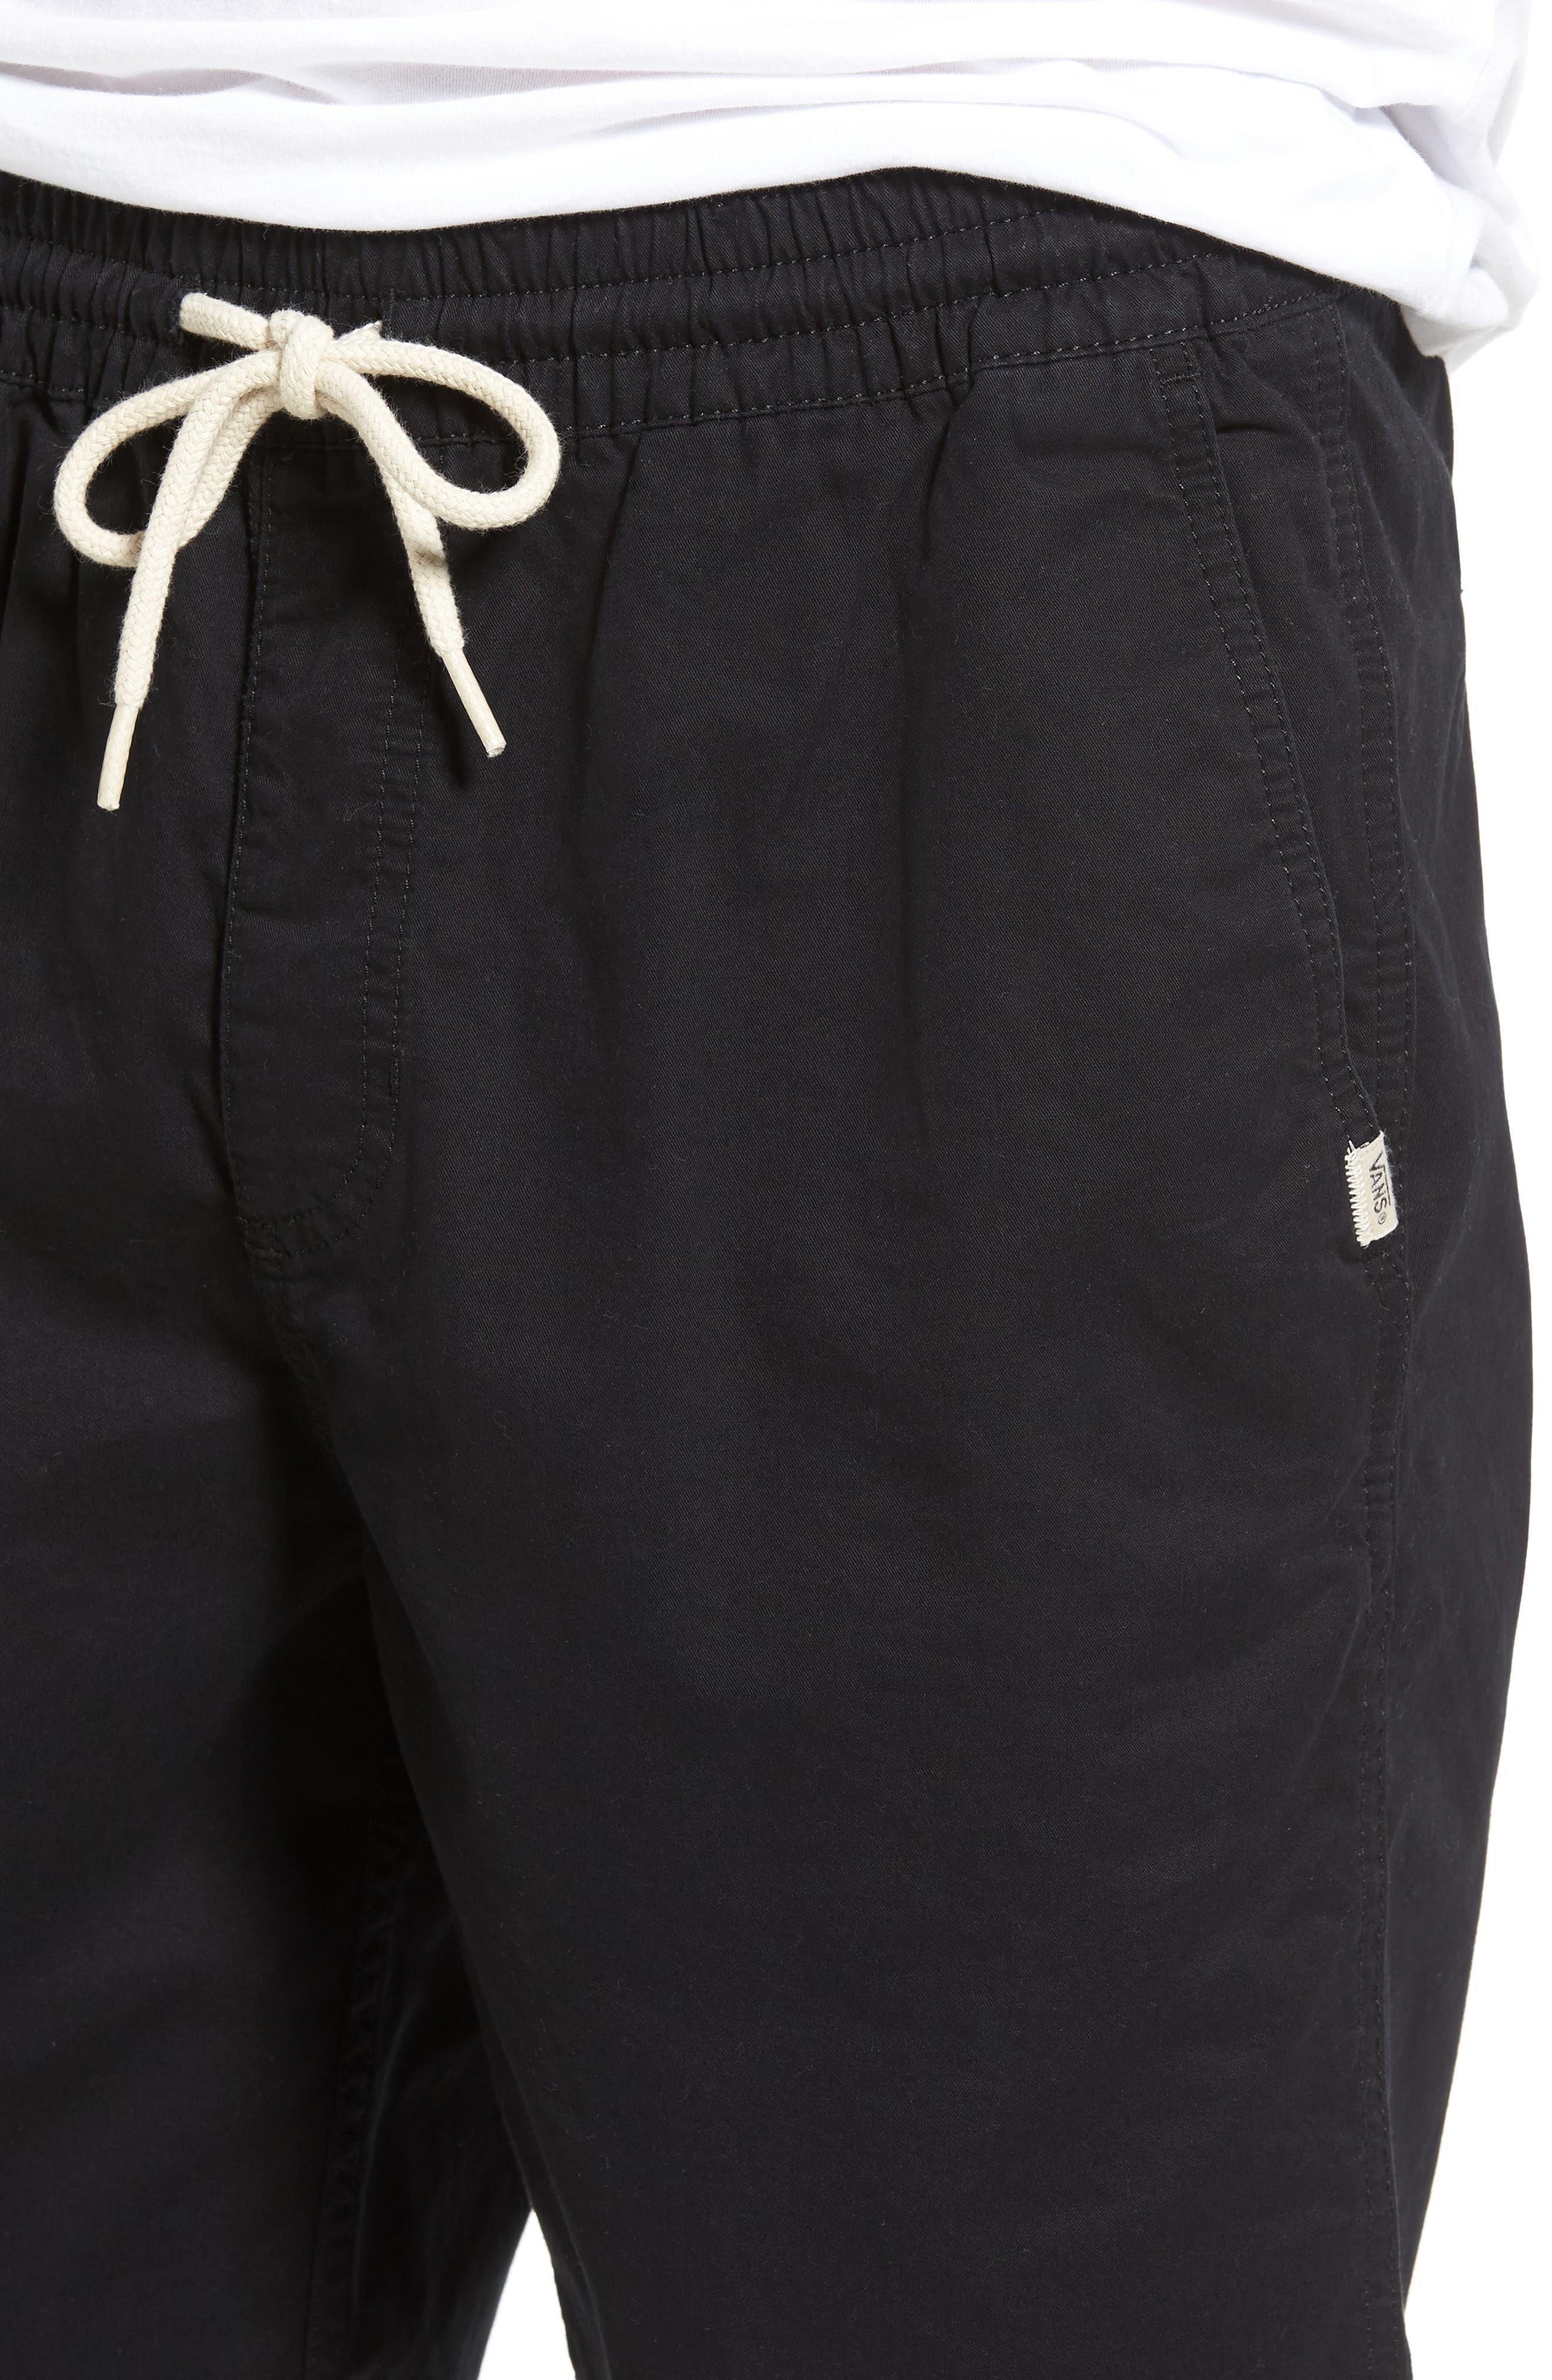 Range Shorts,                             Alternate thumbnail 7, color,